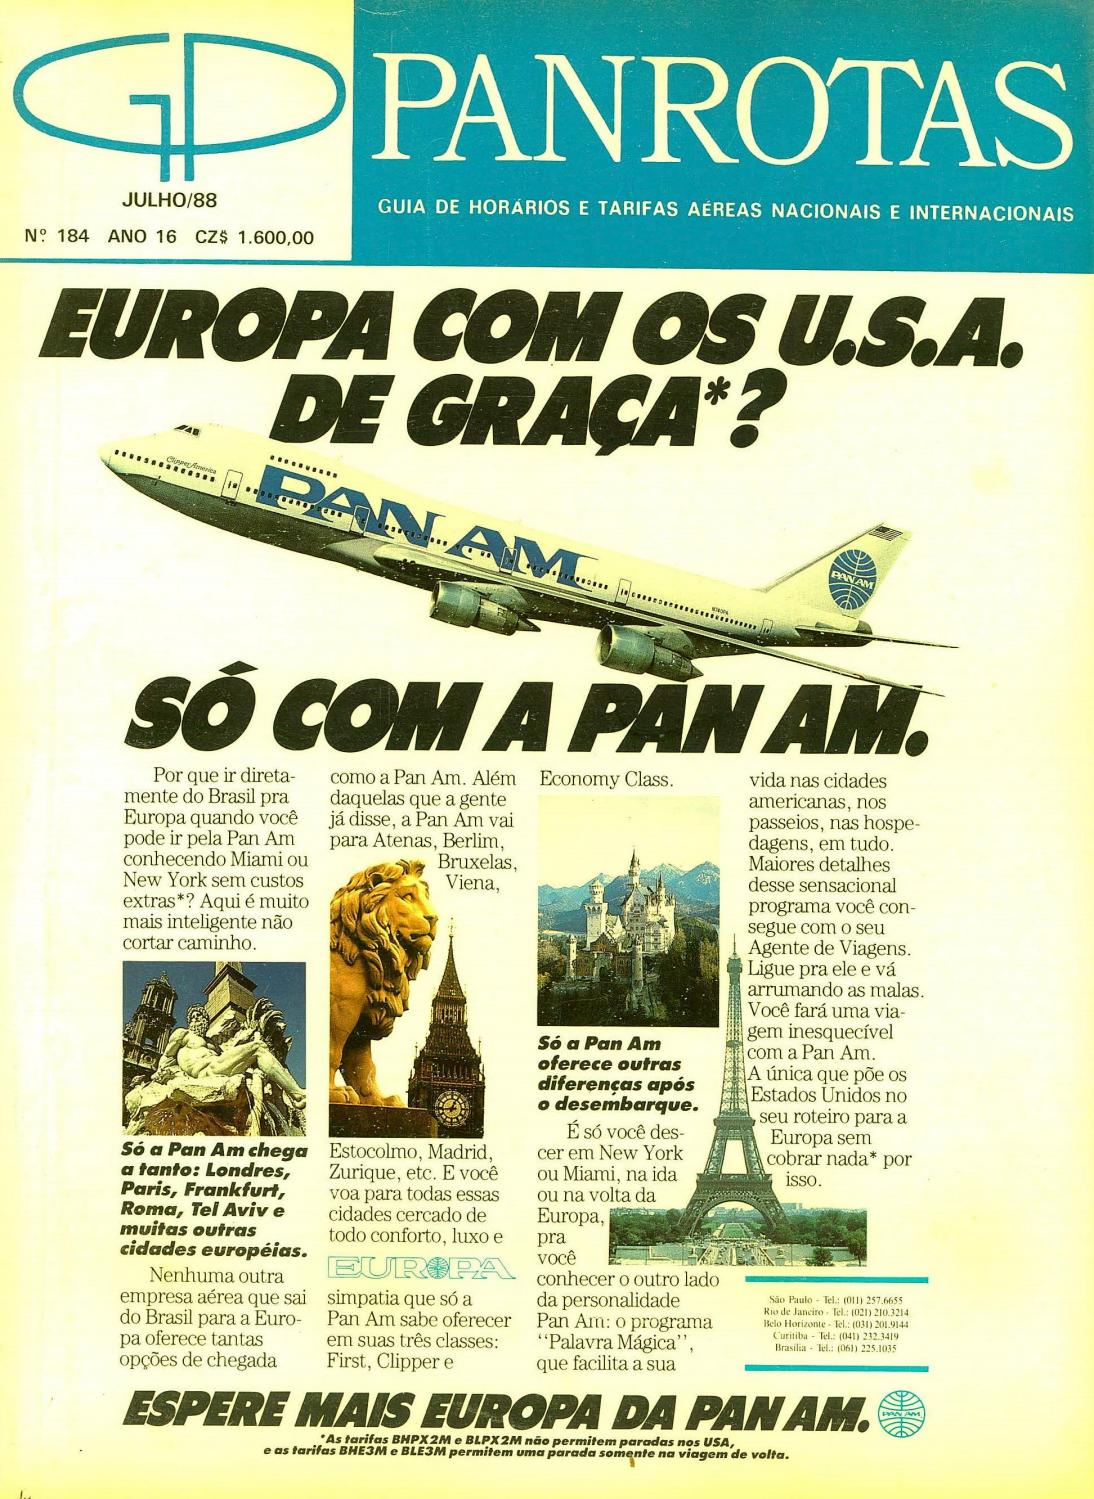 Guia PANROTAS - Edição 184 - Julho 1988 by PANROTAS Editora - issuu f9b6a41b6fd